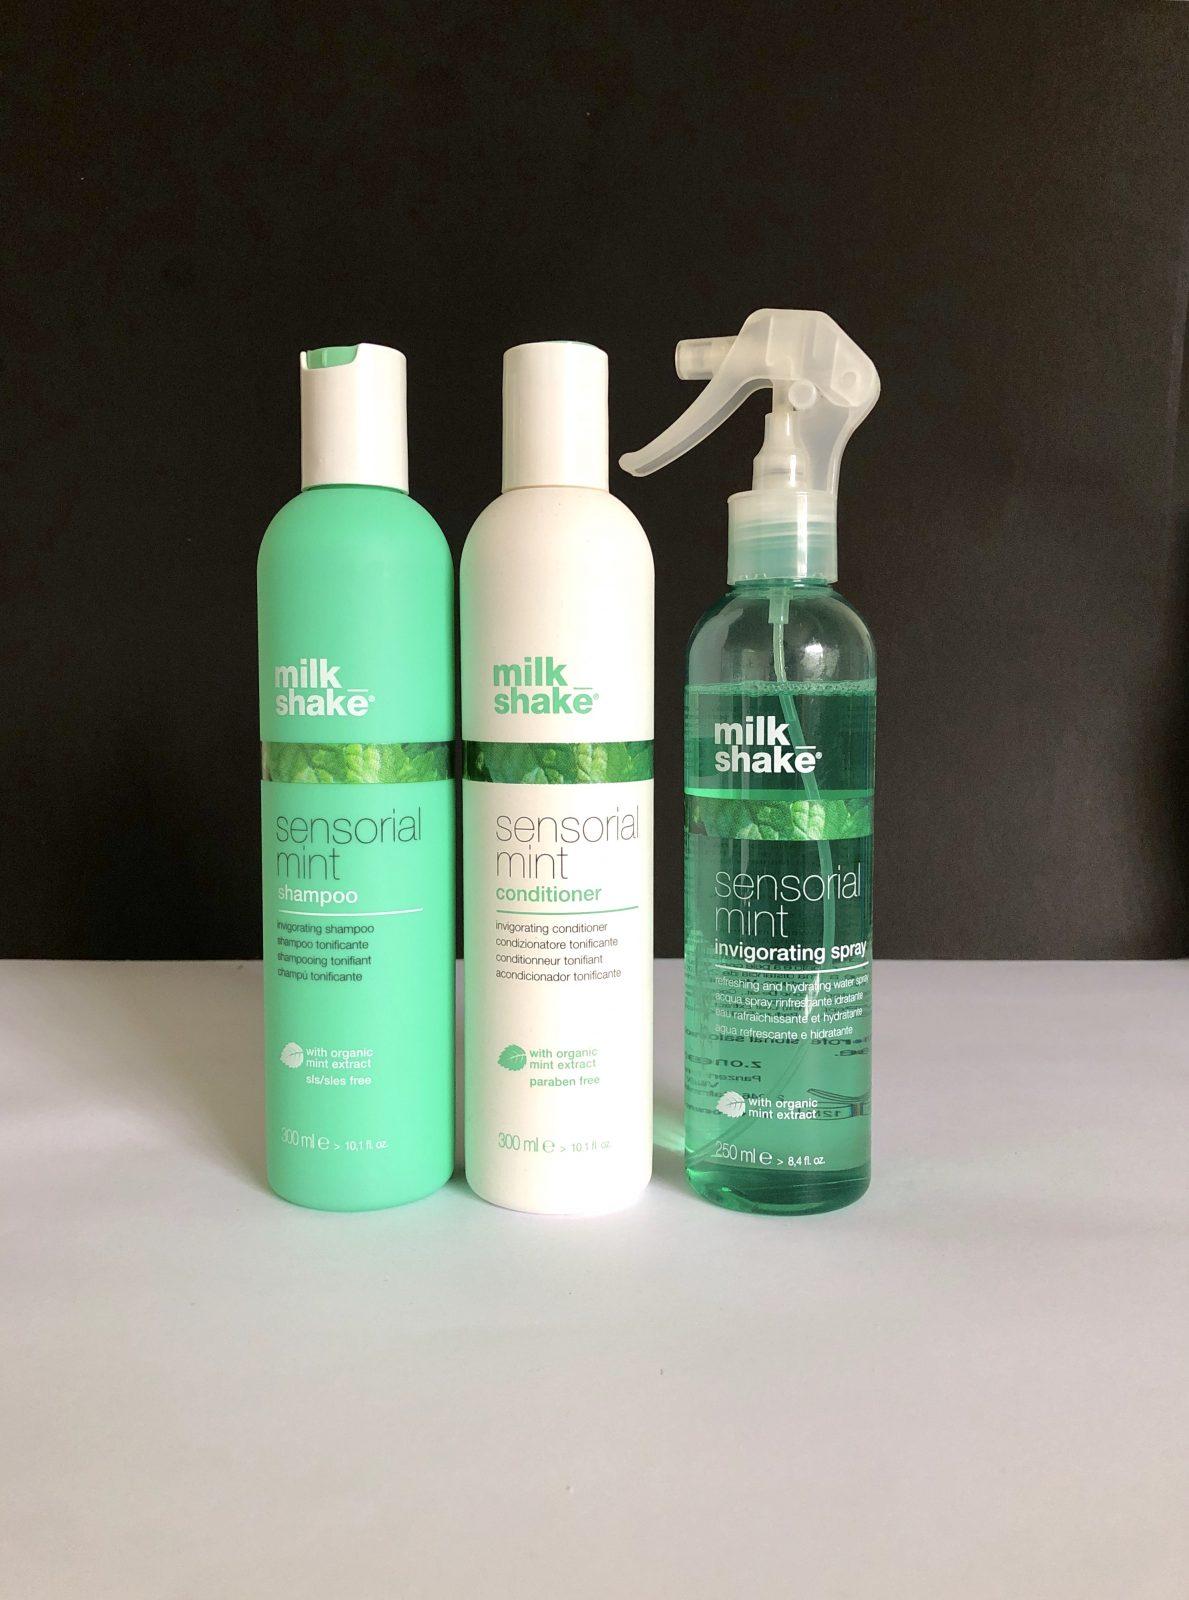 milk shake mint z.one | Producto de peluquería